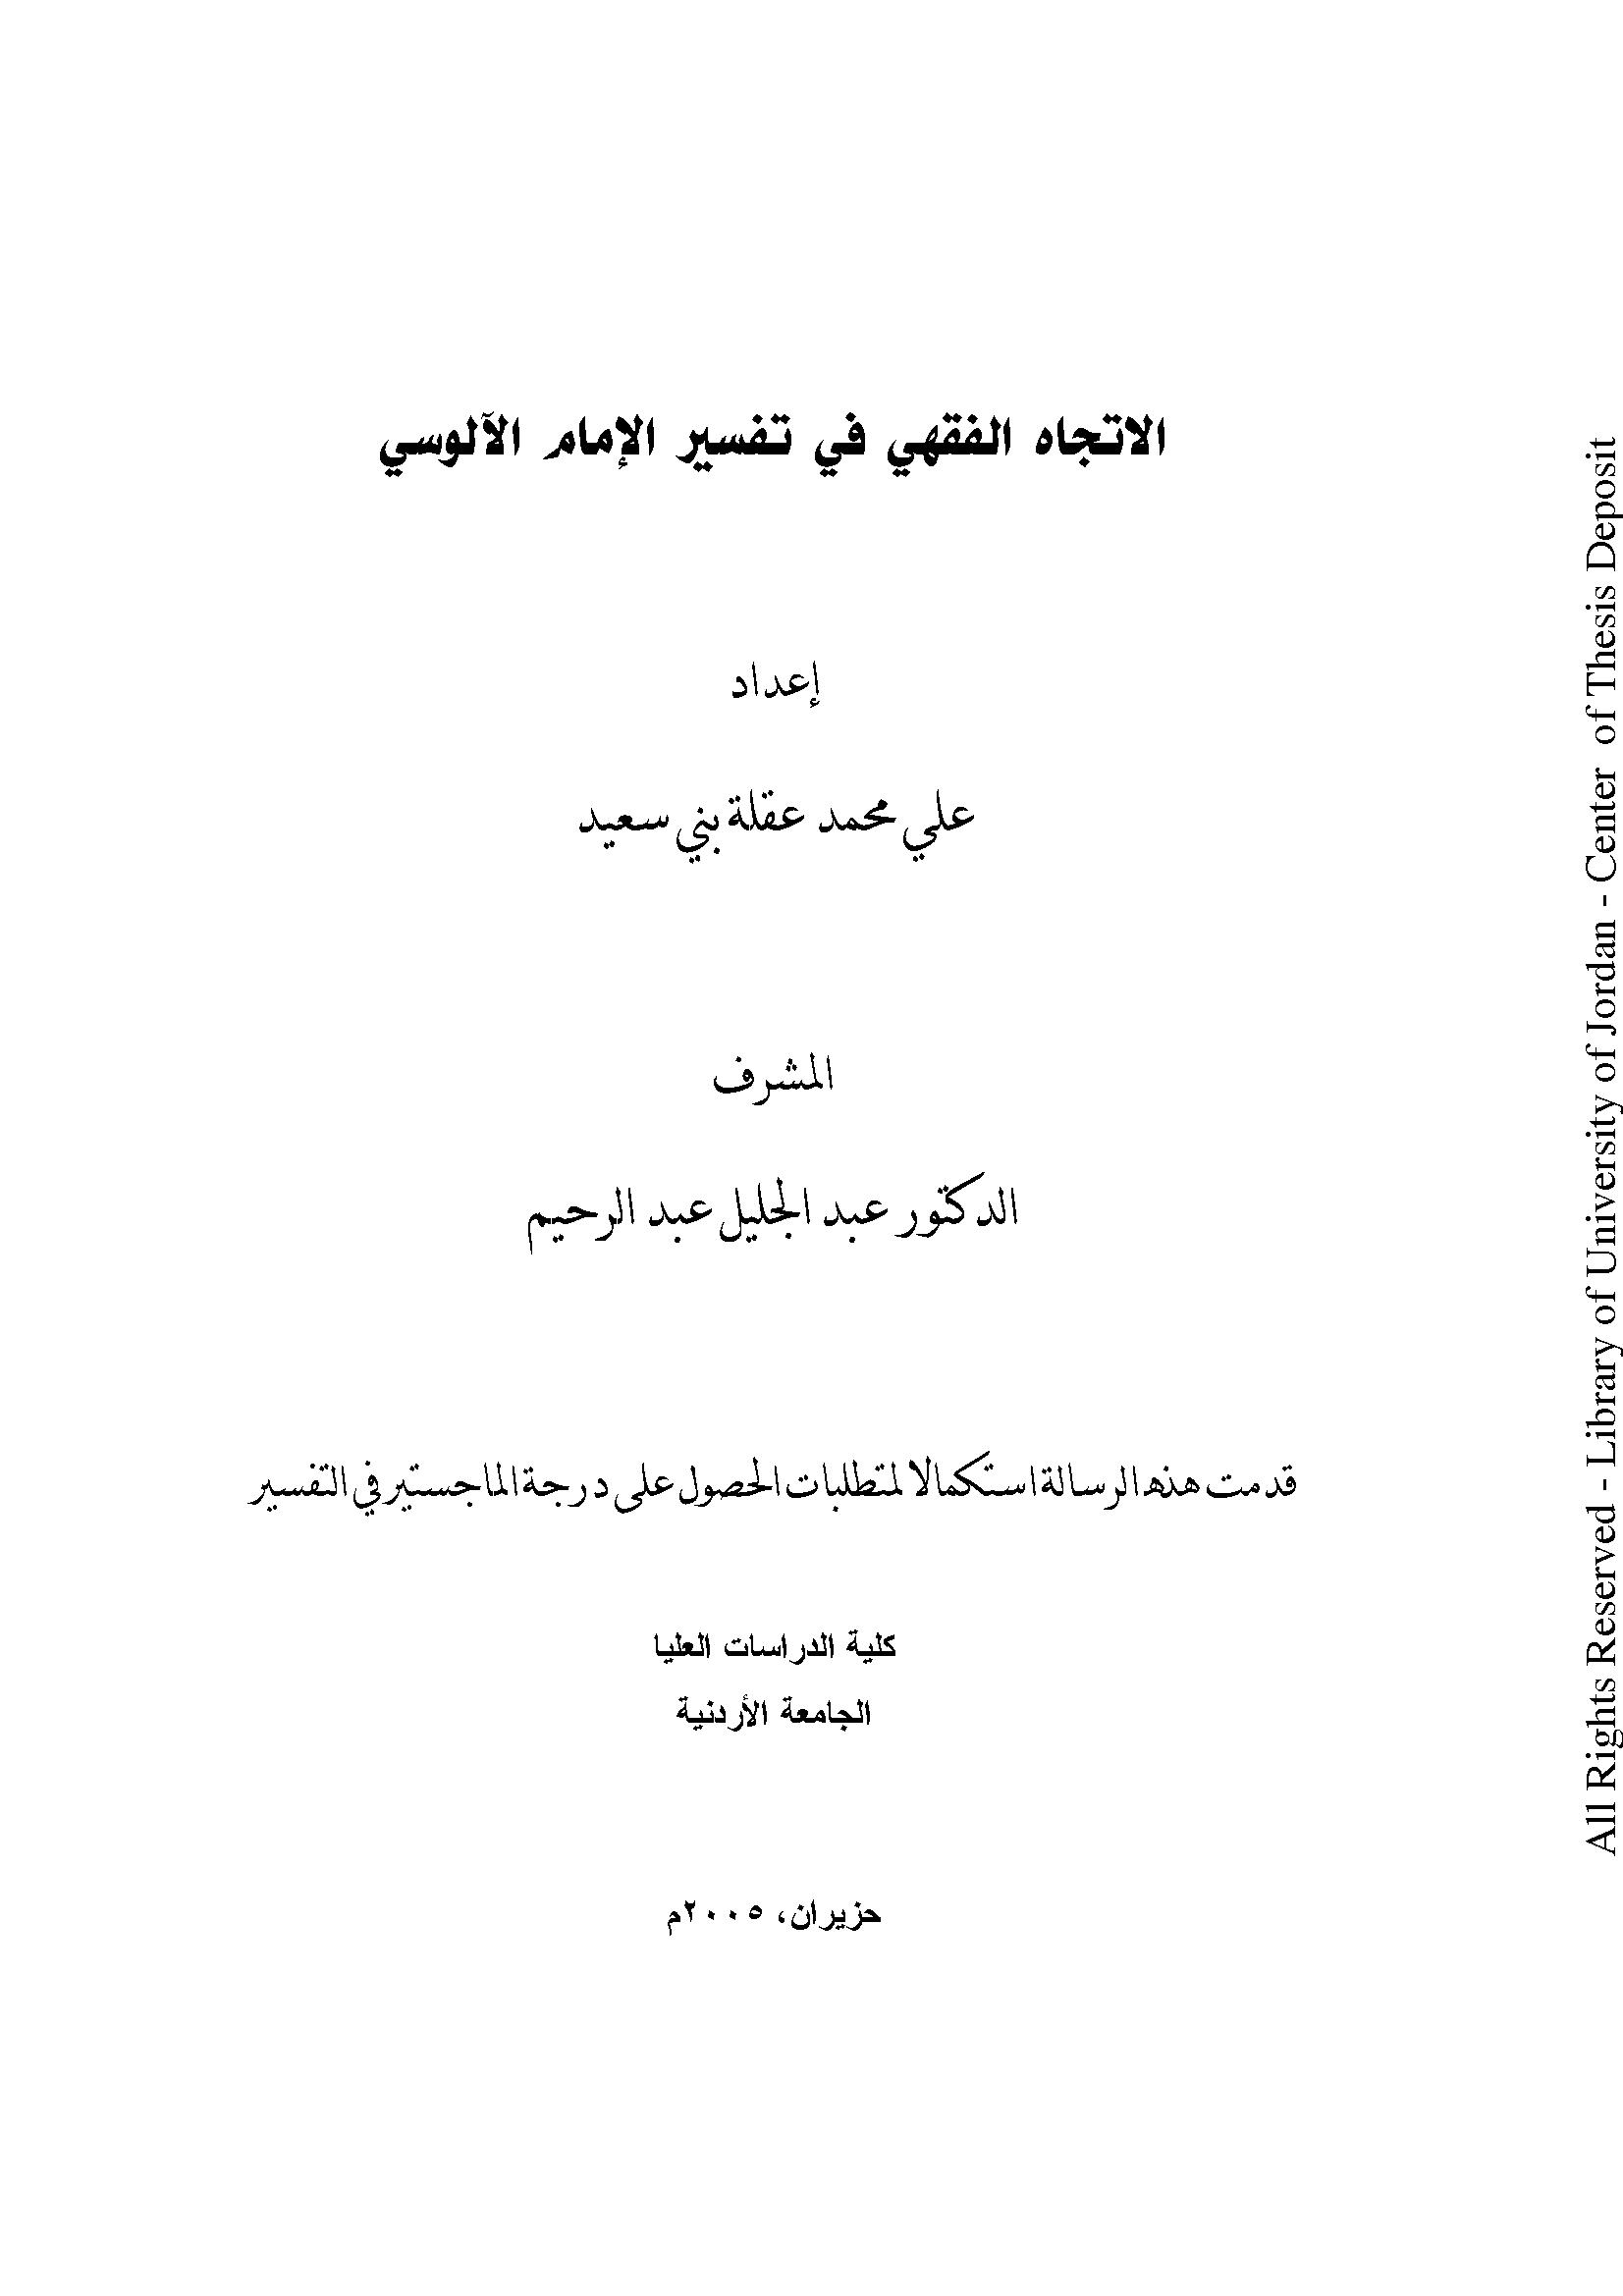 تحميل كتاب الاتجاه الفقهي في تفسير الإمام الآلوسي لـِ: علي محمد عقلة بني سعيد